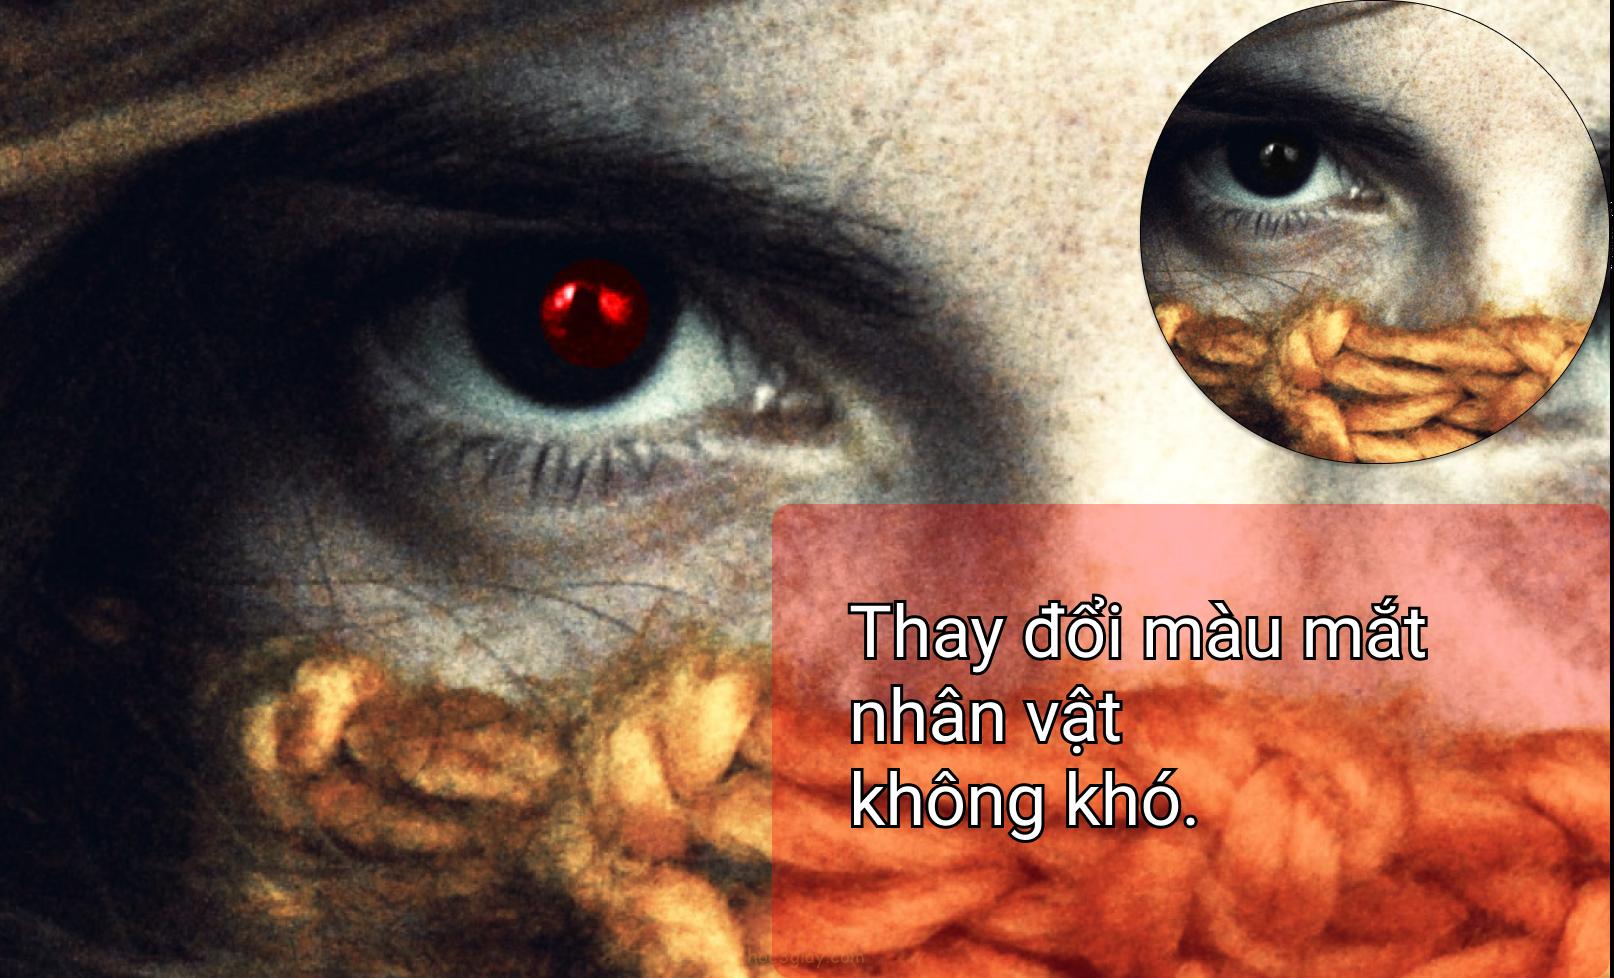 Hướng dẫn thay đổi màu mắt theo ý thích bằng photoshop